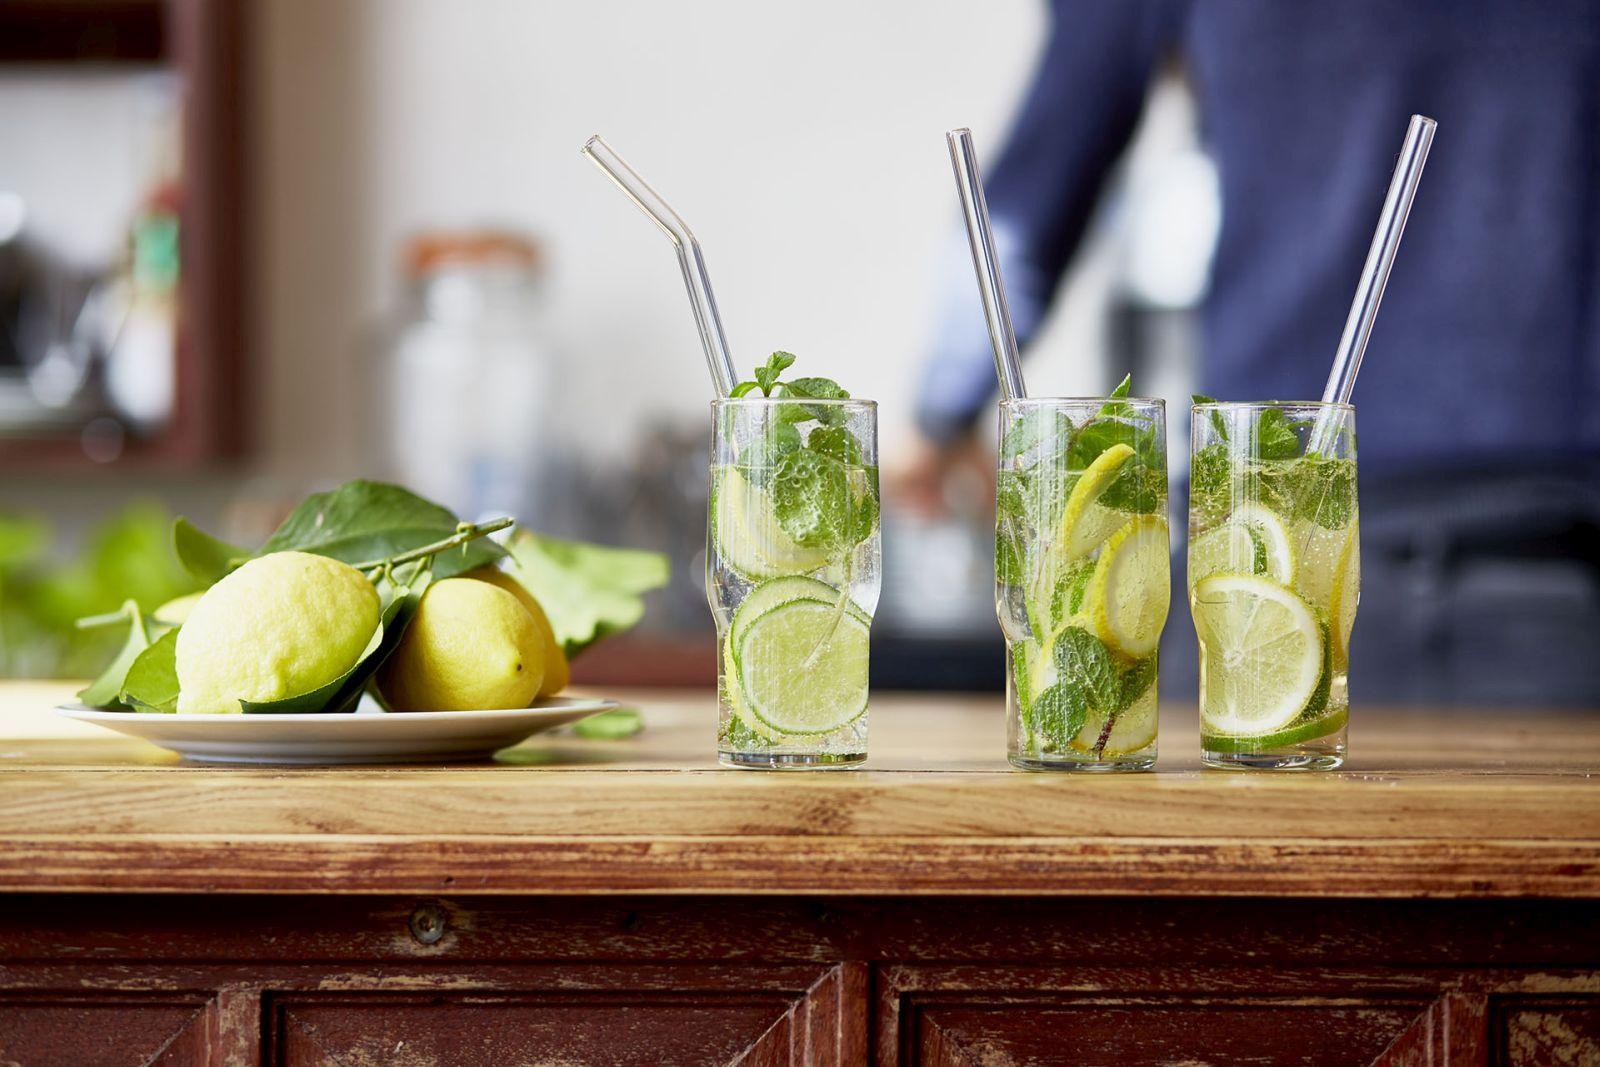 Glas-Trinkhalme in Gläsern gefüllt mit Wasser, Zitronenscheiben und Minzblättern